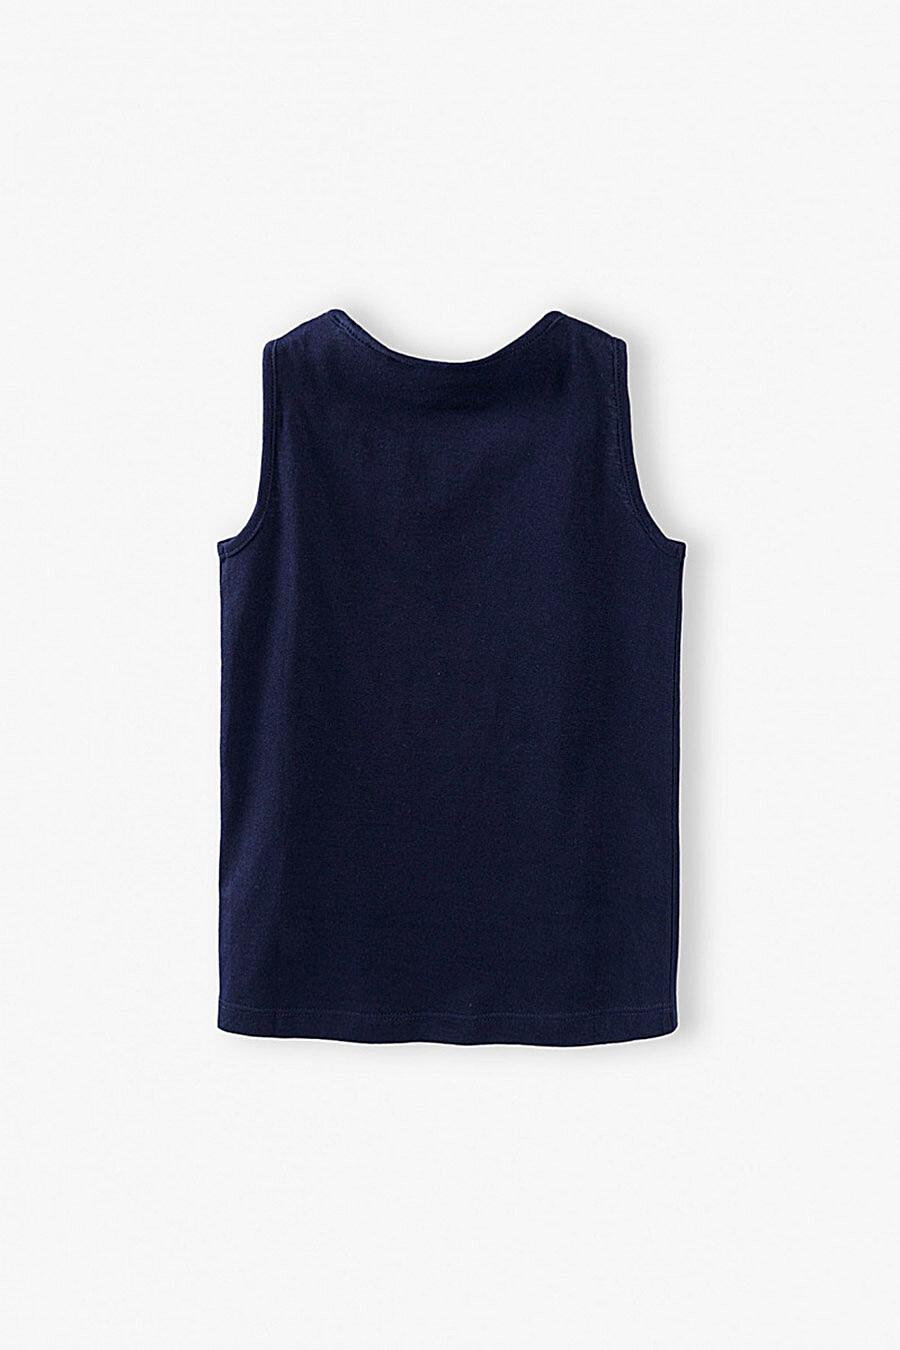 Майка для девочек 5.10.15 707011 купить оптом от производителя. Совместная покупка детской одежды в OptMoyo